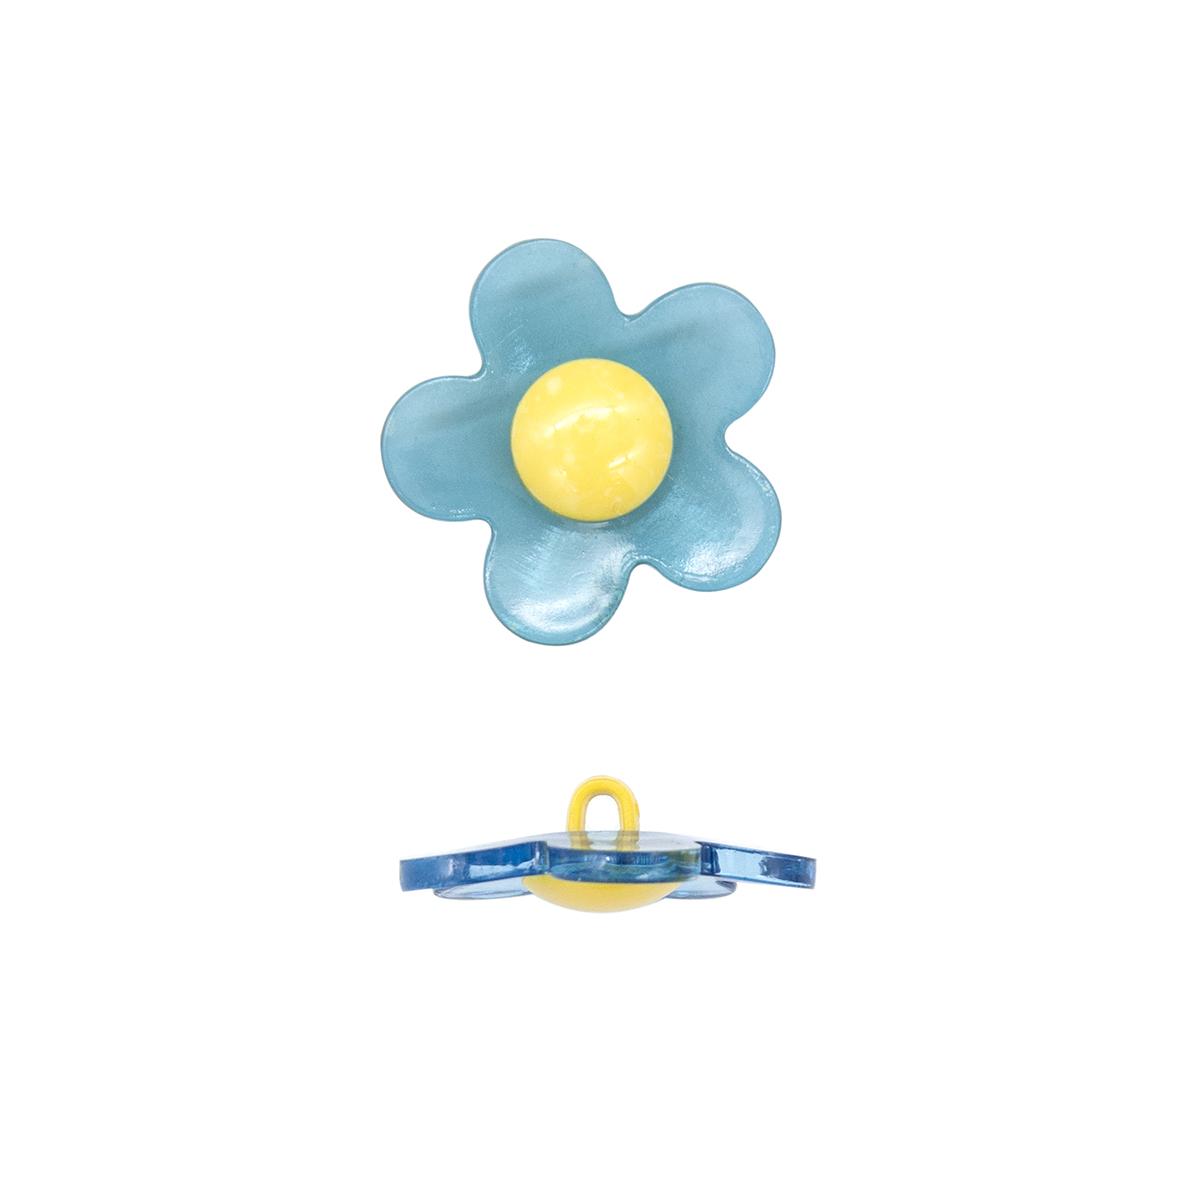 Пуговица декоративная 'цветок' 13-1125-115-1483-48